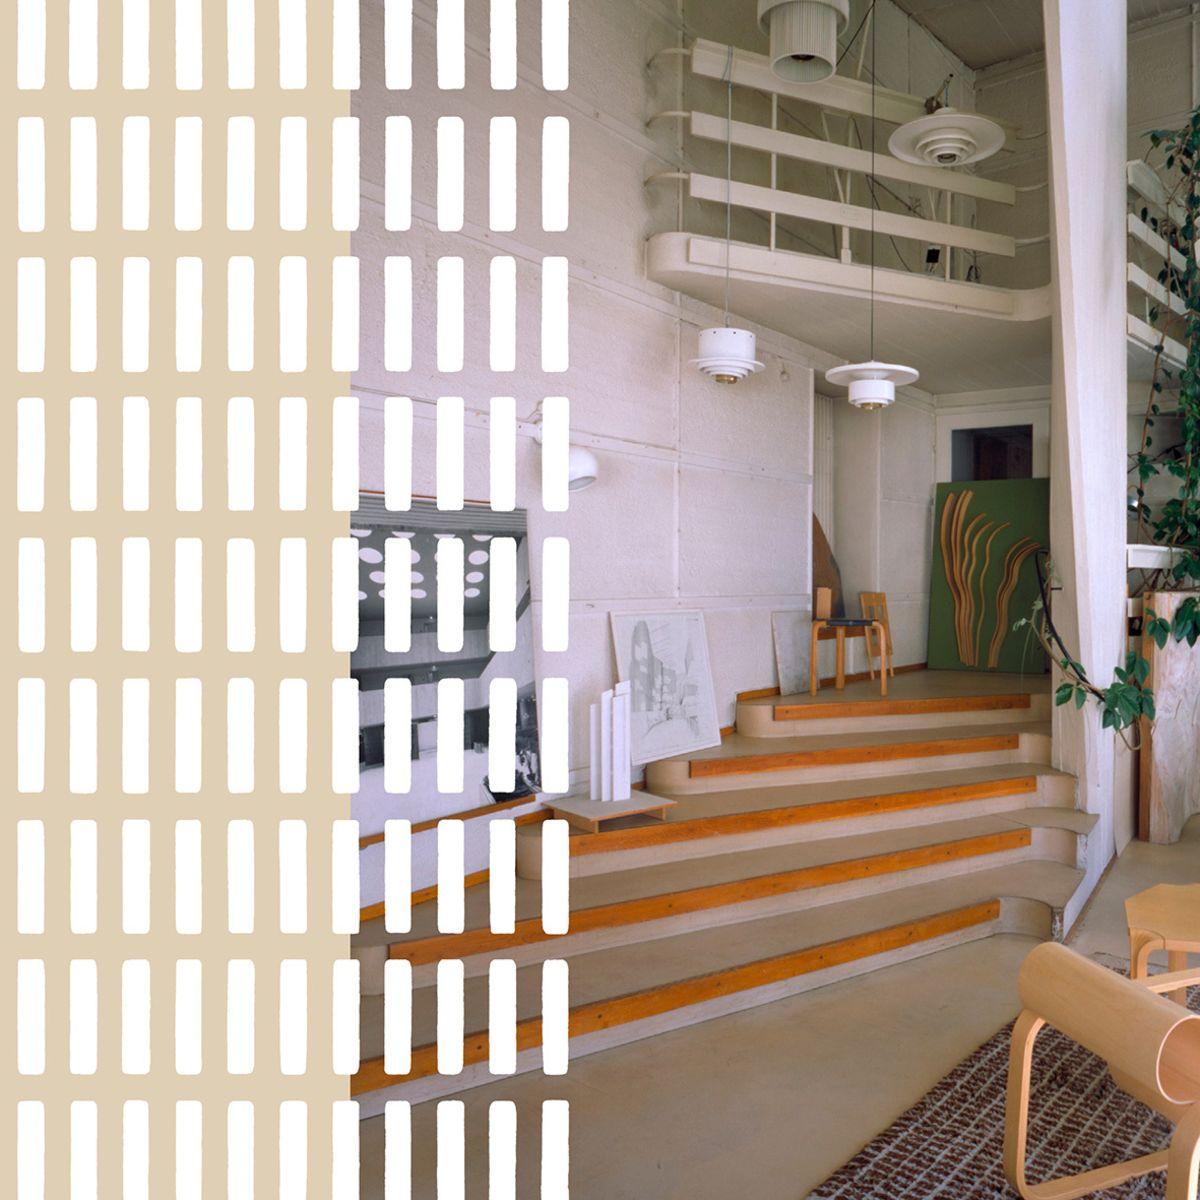 Artek_Siena_2021_Aalto Studio_horizontal_web